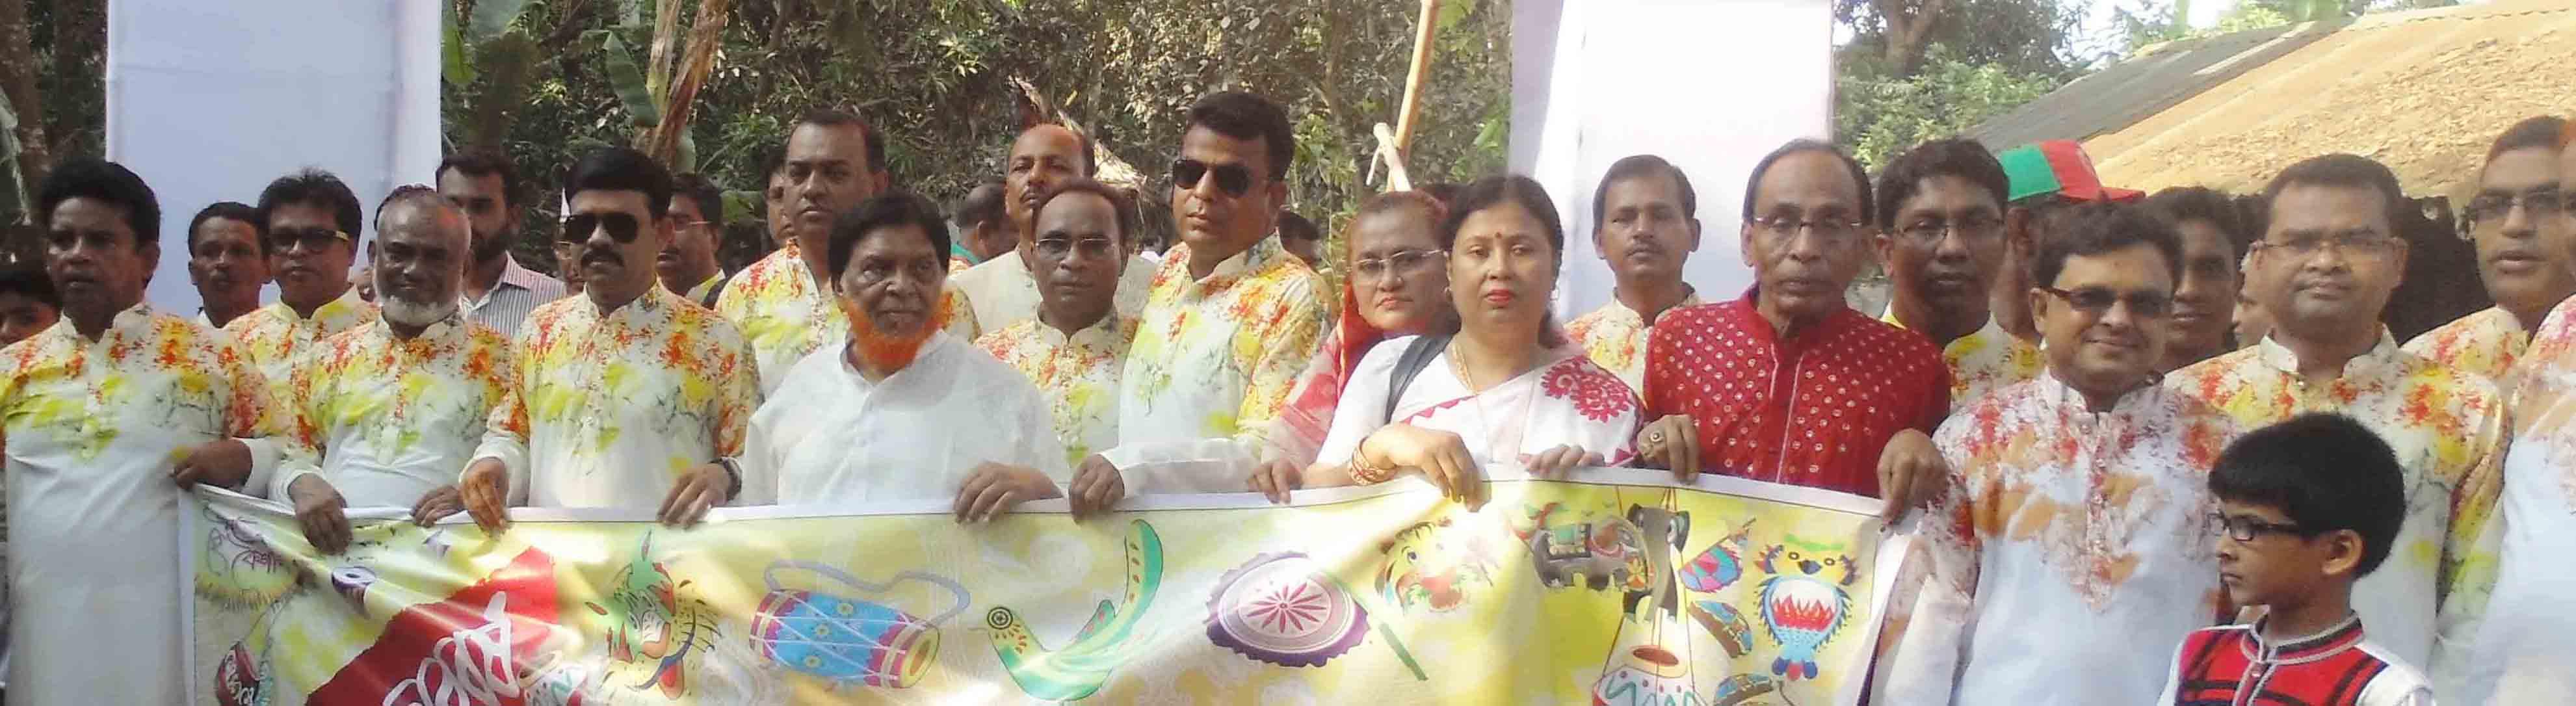 দেবহাটা উপজেলায় বিভিন্ন আয়োজনে পহেলা বৈশাখ উদযাপন